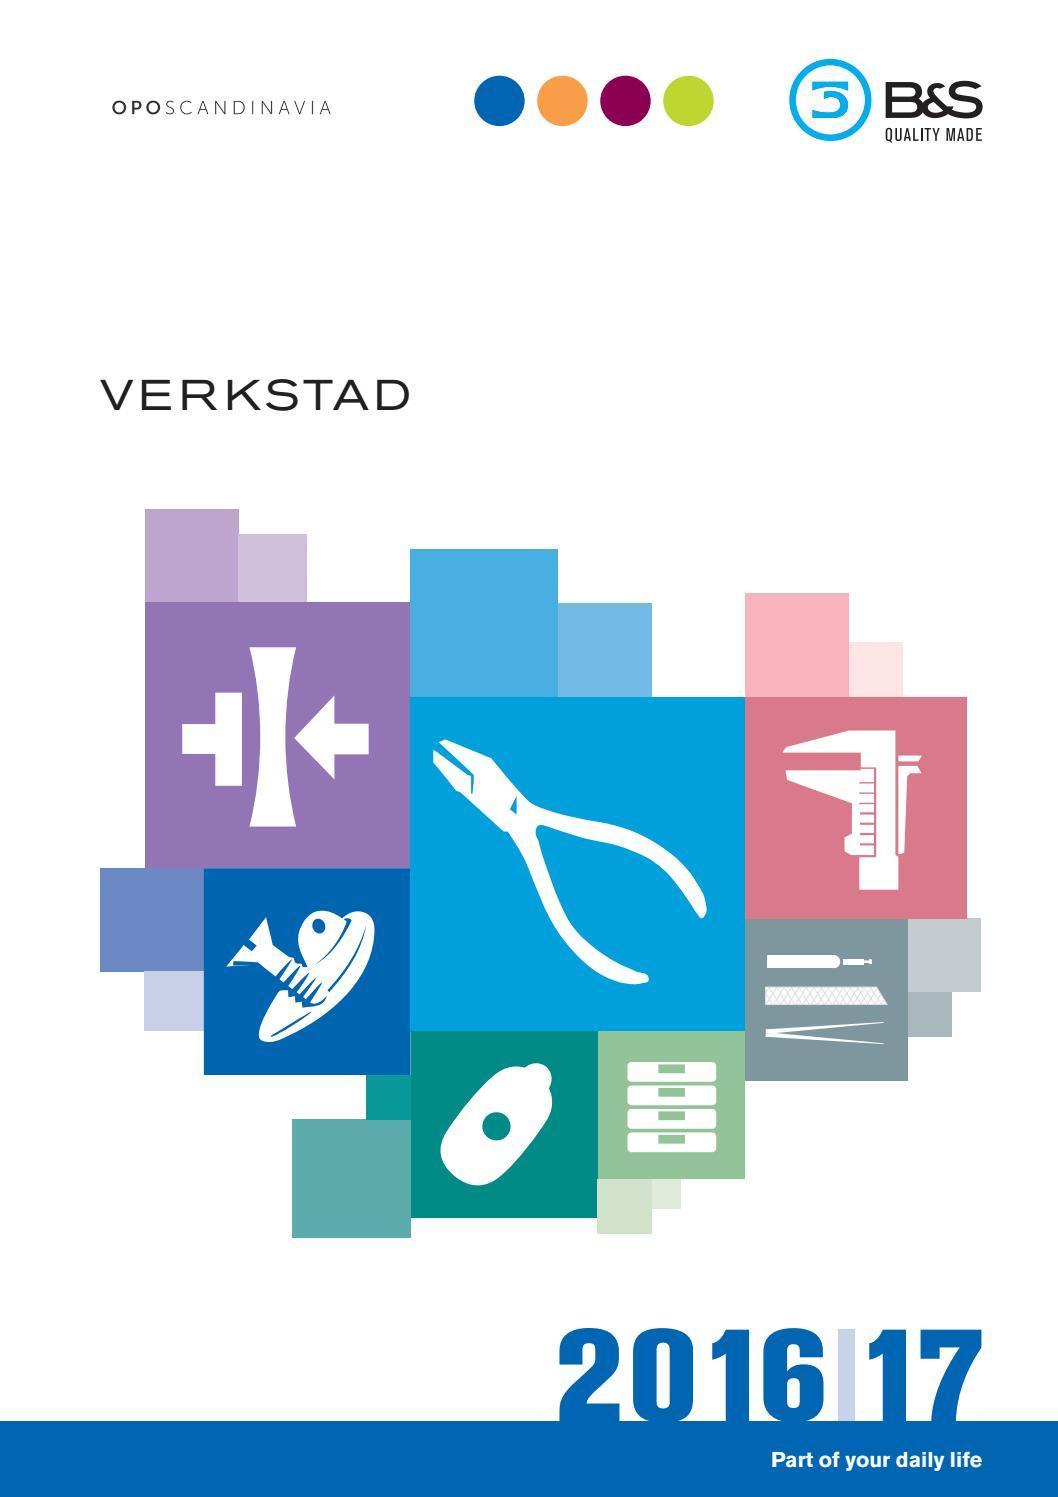 B S Verkstad 2016 2017 Breitfeld   Schliekert by OPO Scandinavia AB - issuu 5d83de838d620